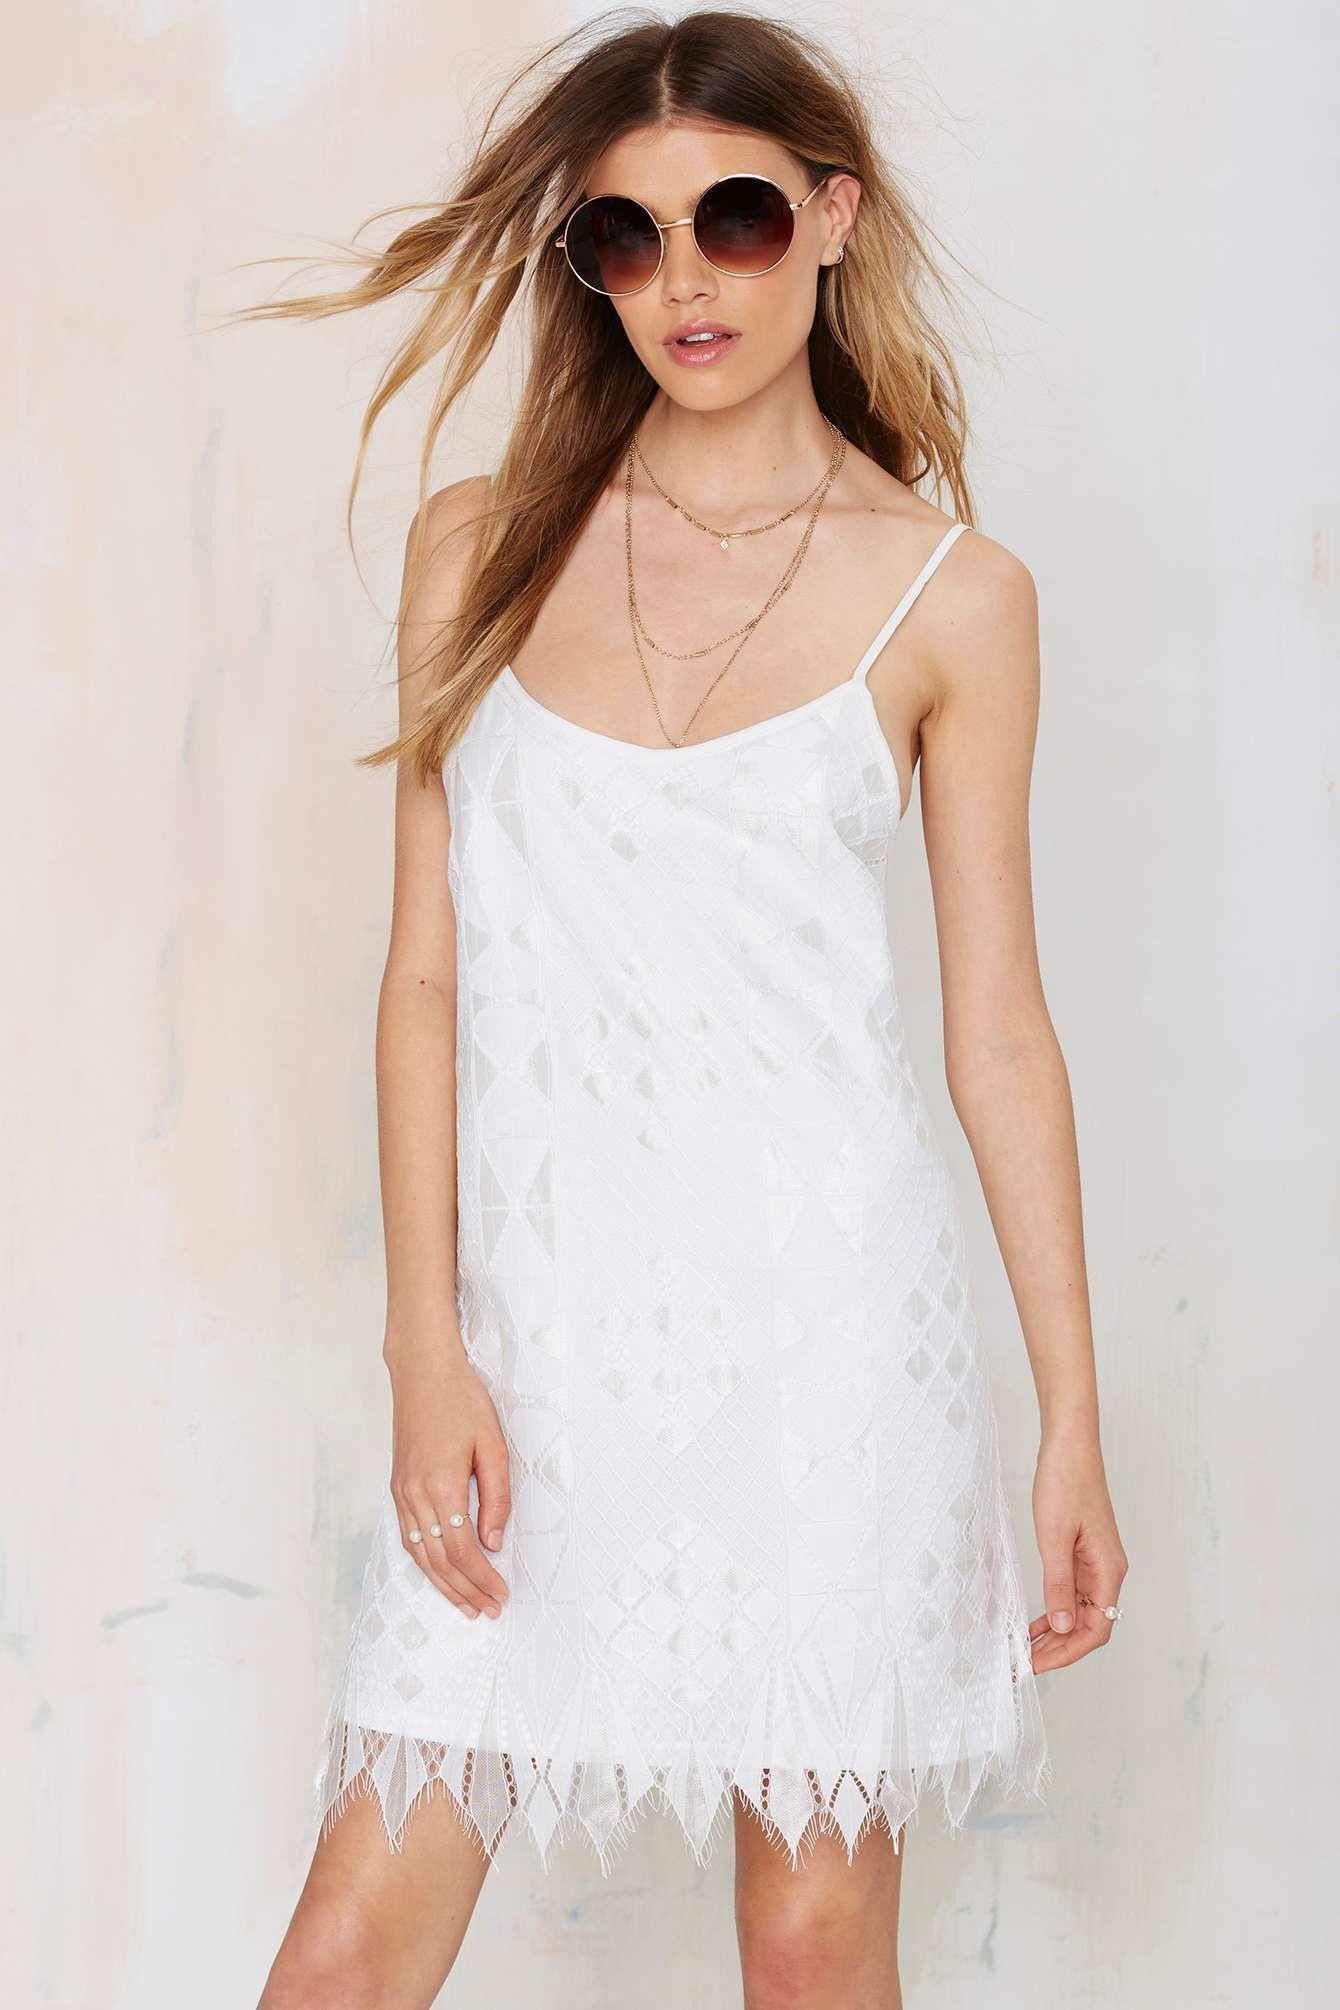 Alianne Lace Dress | Lace dress, Nice dresses, Women dress ...